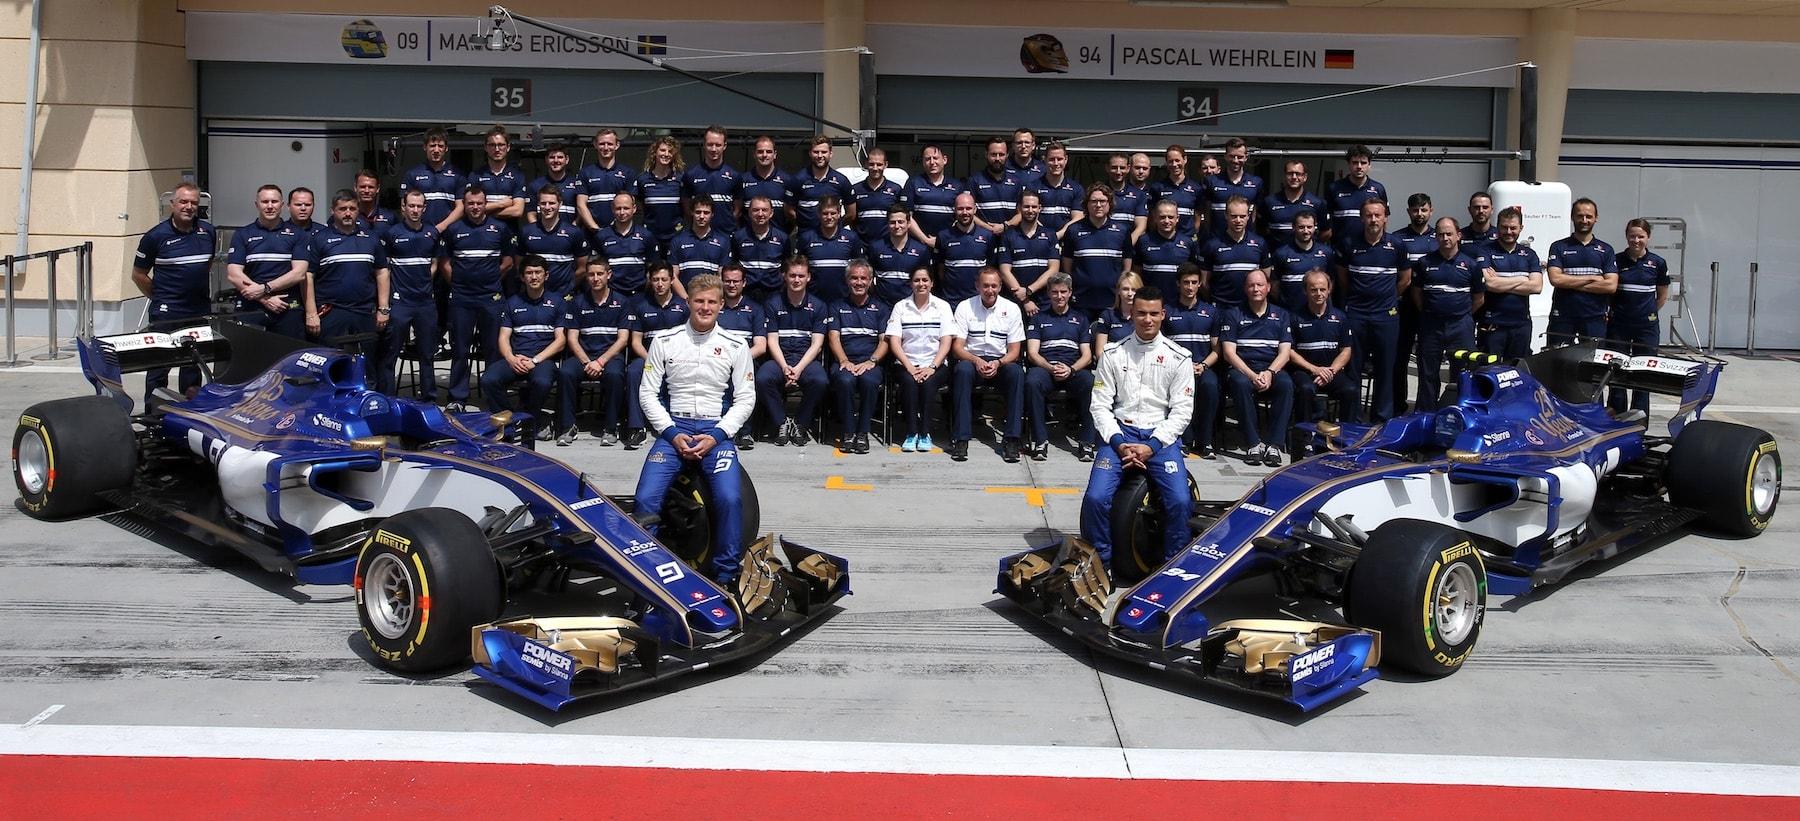 2017 Sauber F1 Team   2017 Bahrain GP copy.jpg